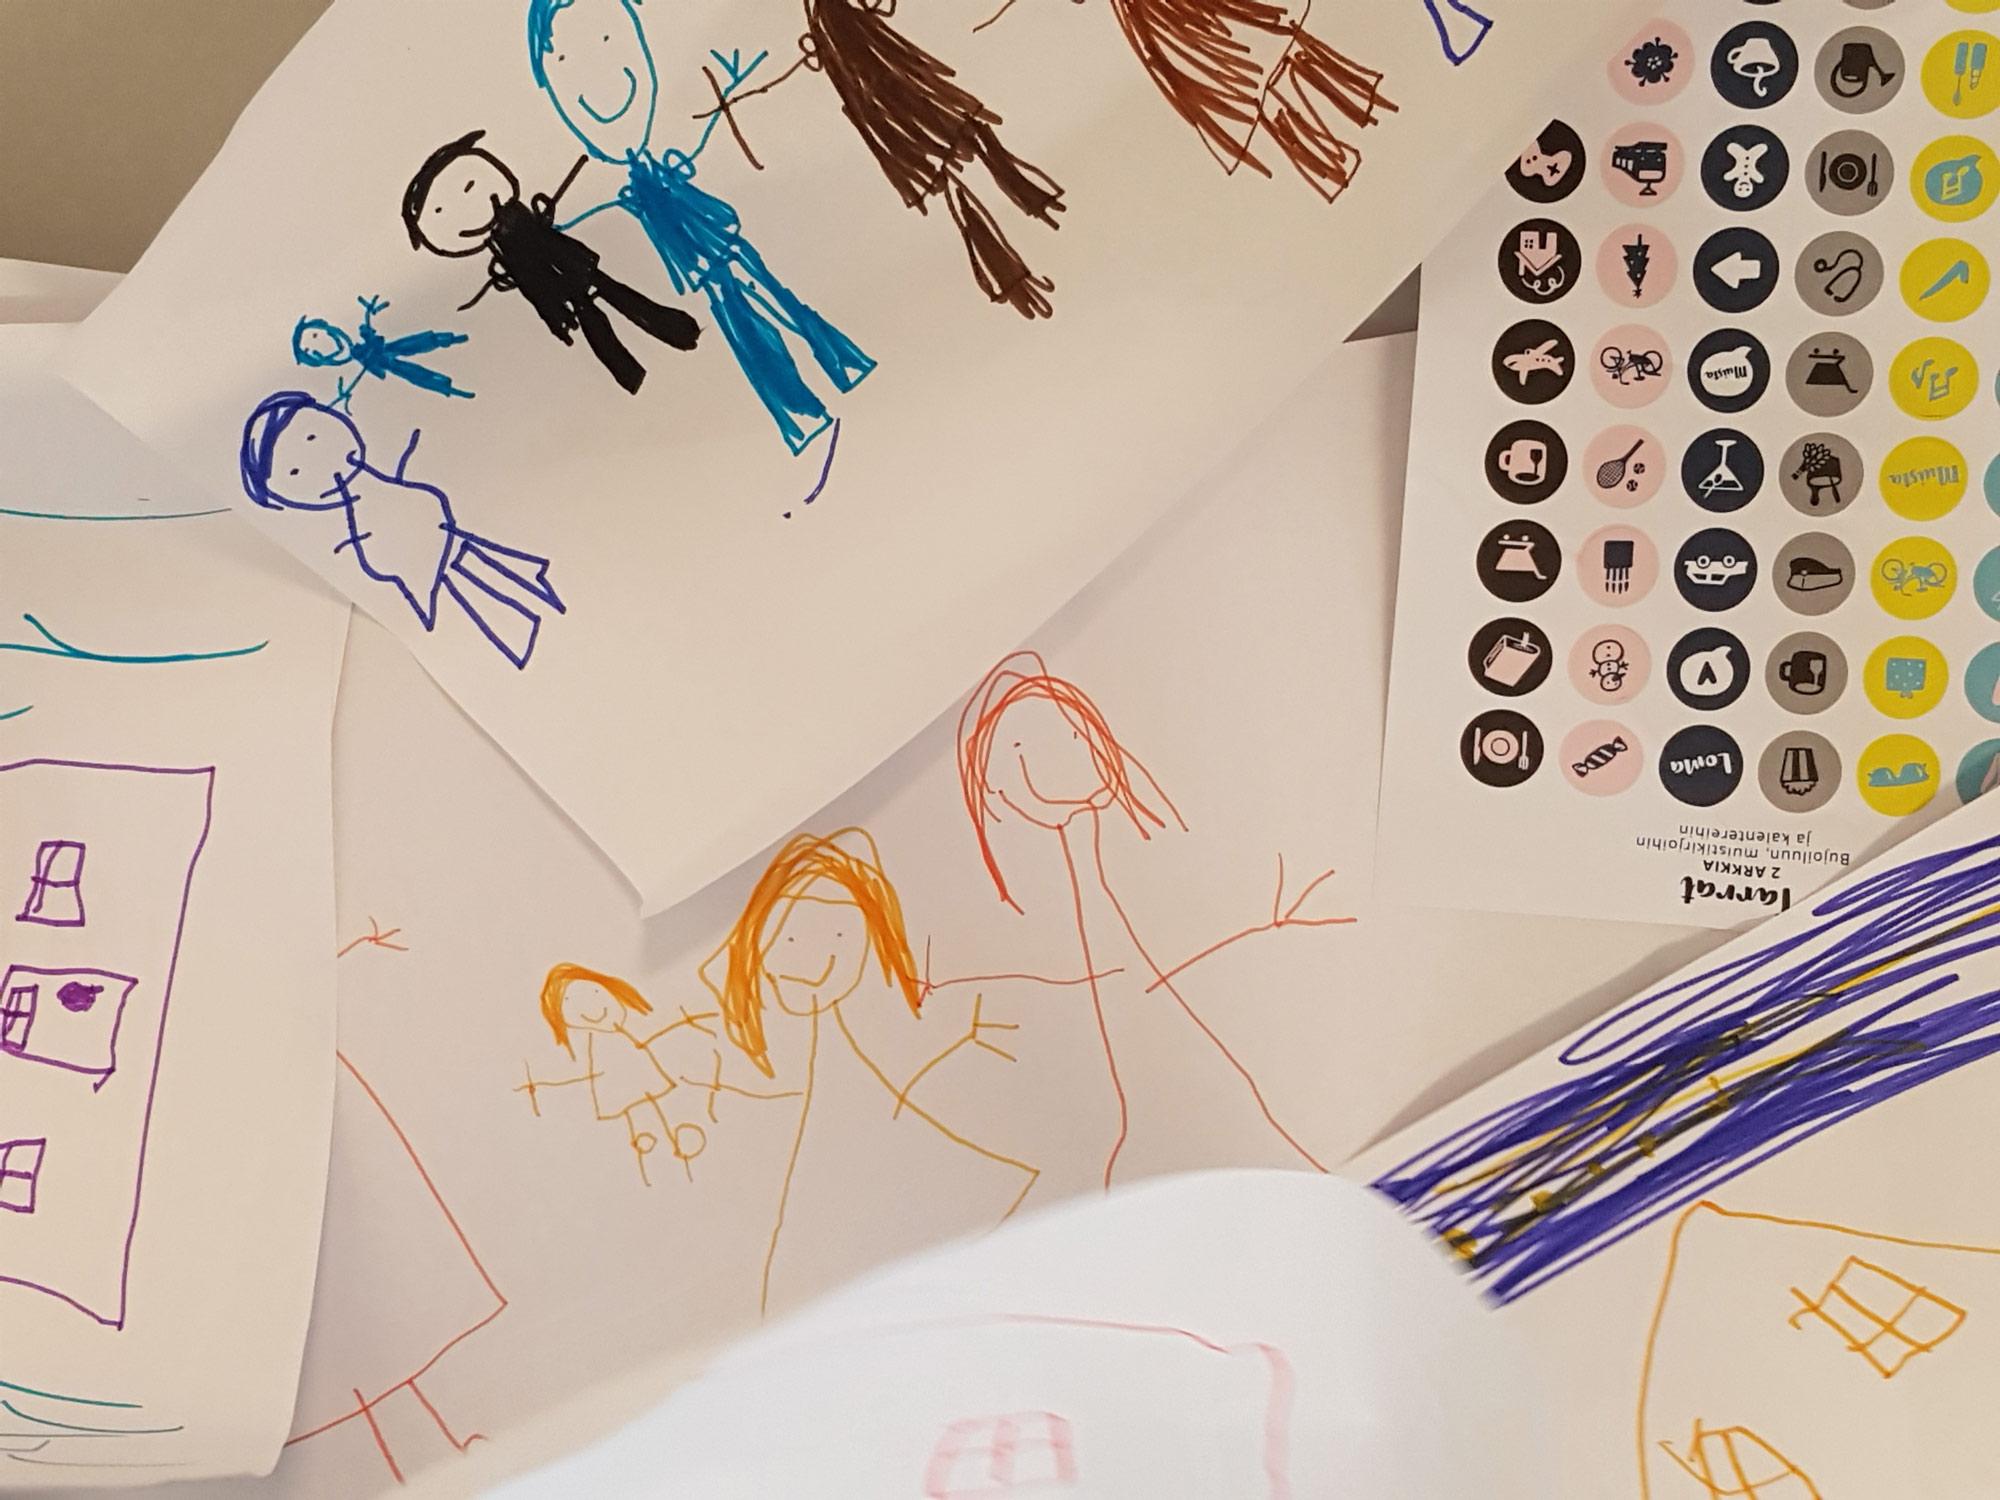 Kuvituskuva artikkelille 'Turku: Kouluyhteistyötä ja arjen suunnittelua maahanmuuttajaperheille'